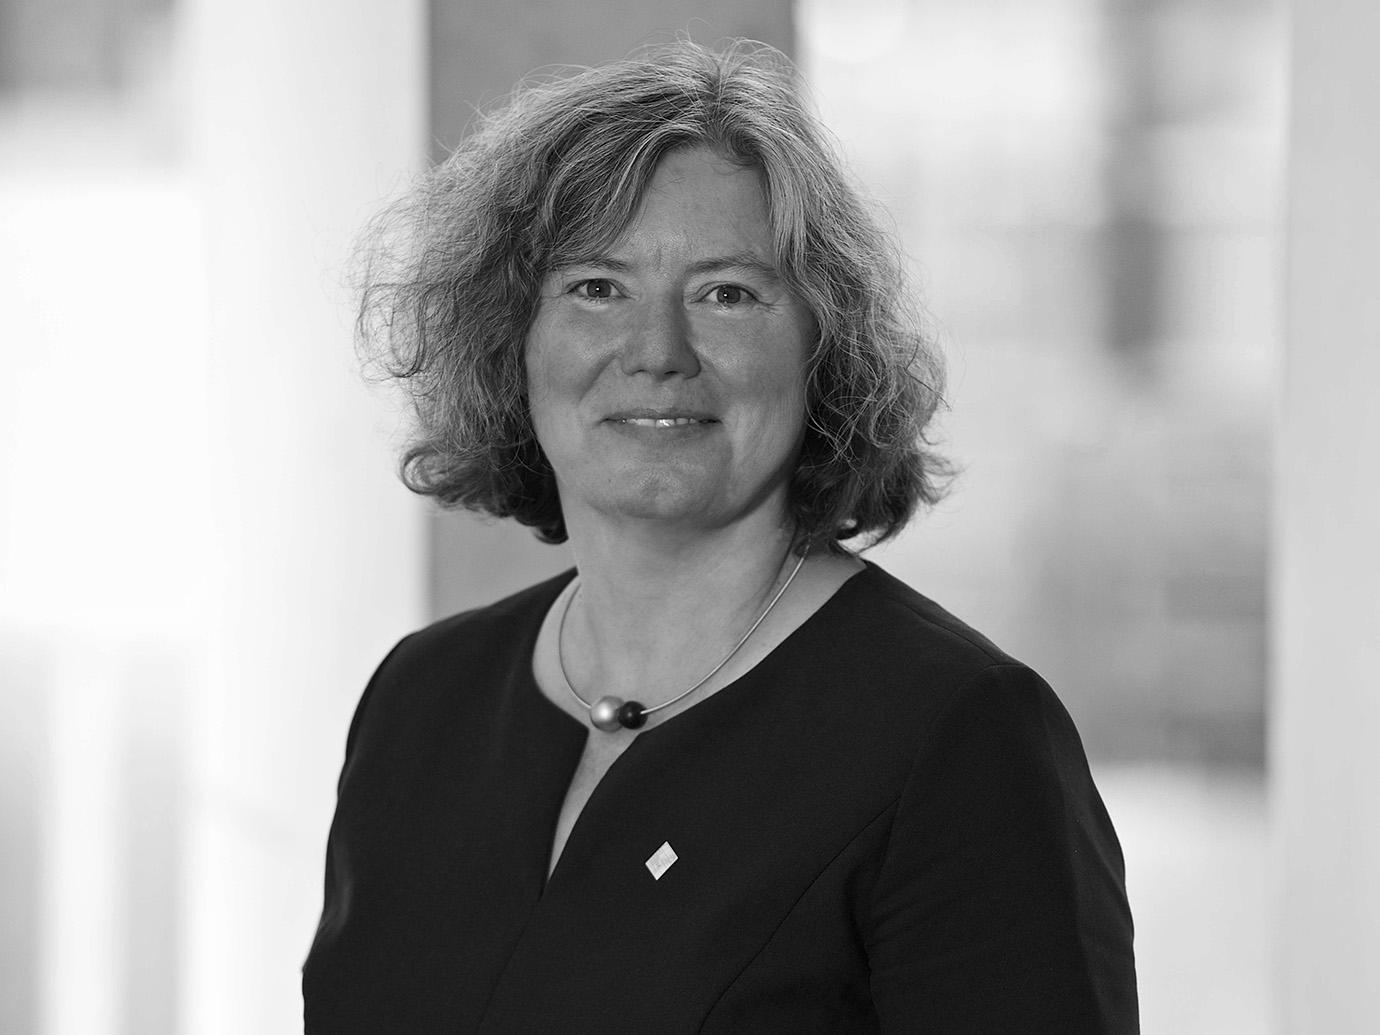 Fragebogen: Prof. Kerstin Krieglstein, neu gewählte Rektorin der Uni Freiburg